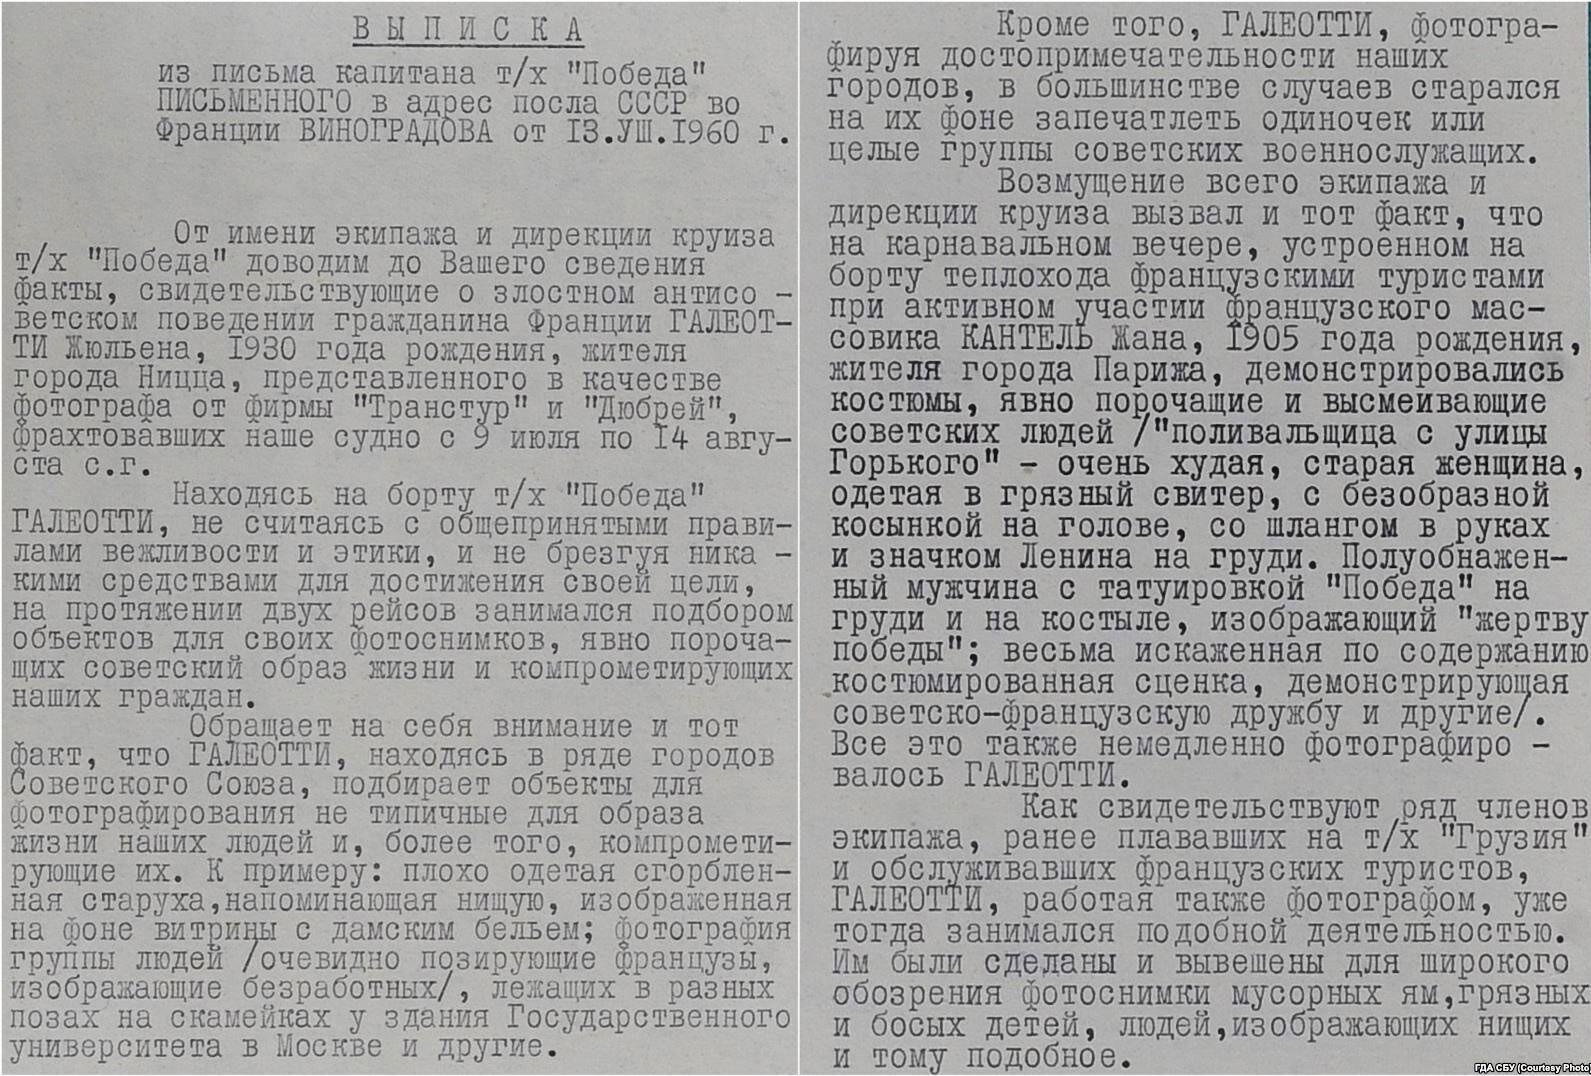 """Выписка из письма капитана теплохода """"Победа"""", написанная в июле 1960 года"""